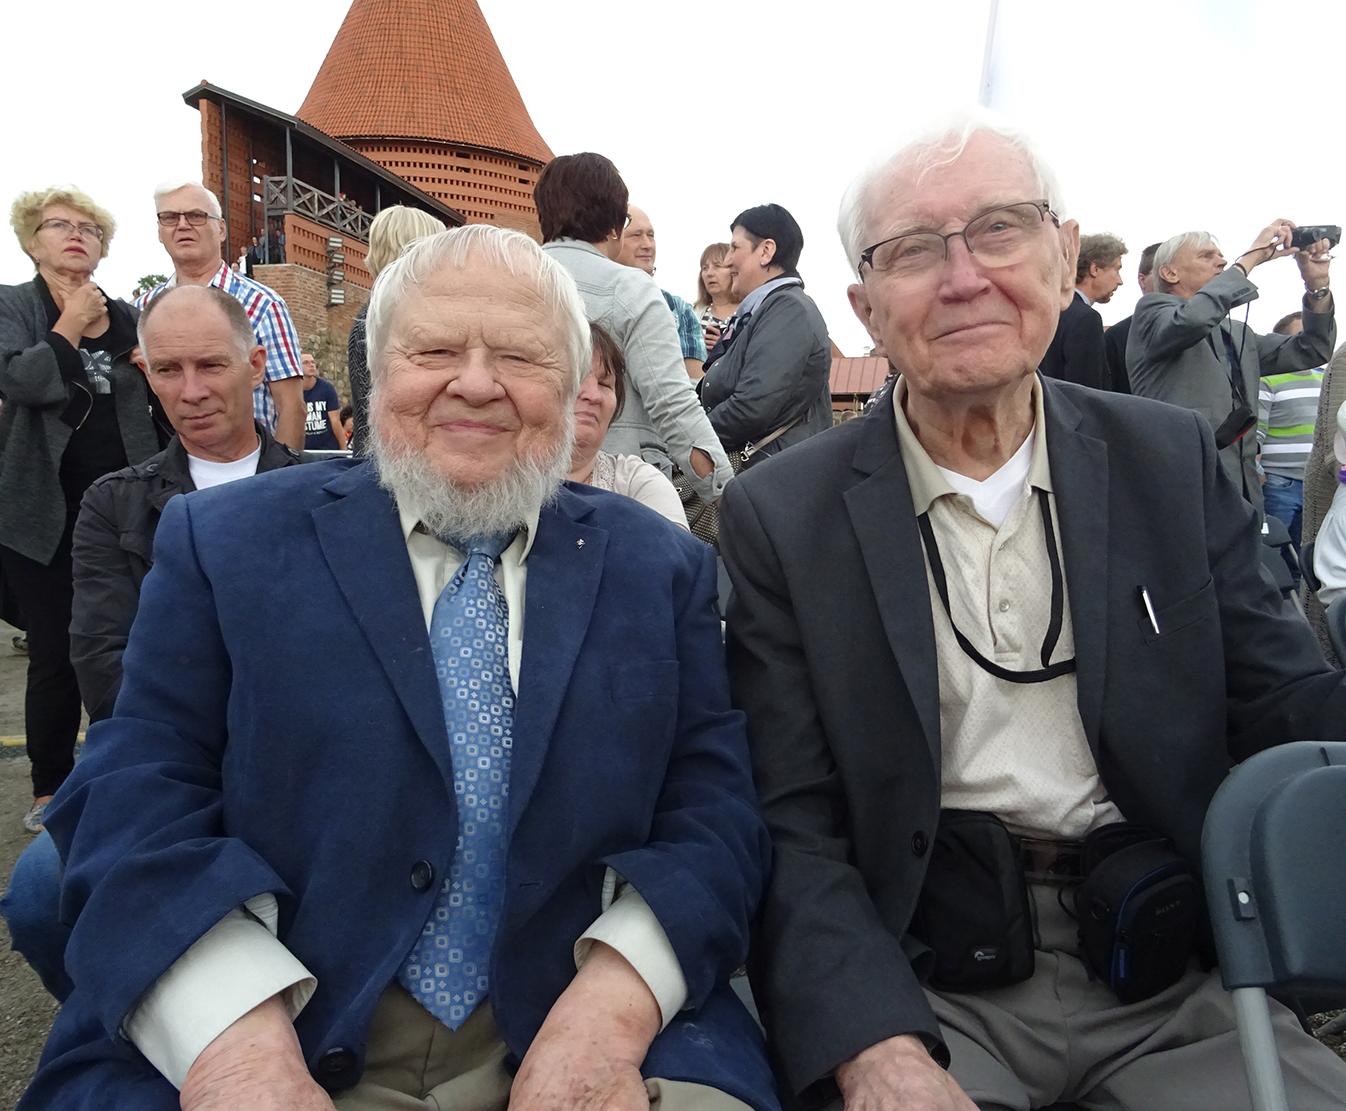 Naujuoju paminklu džiaugėsi prof. A. A. Avižienis (k.) ir R. Dirvonis.